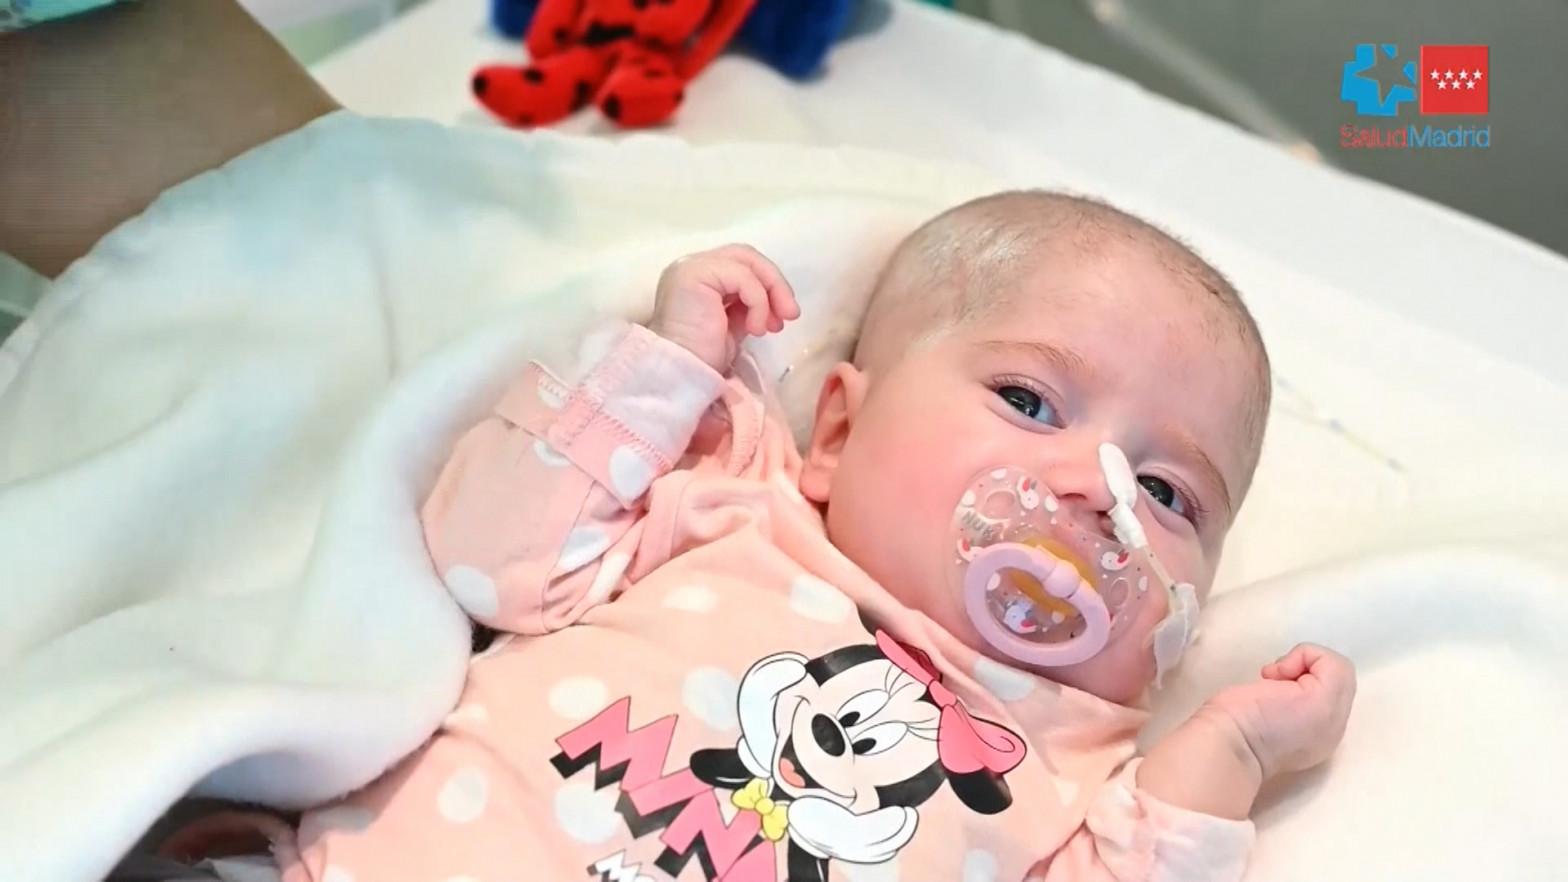 El Hospital Gregorio Marañón realiza un trasplante de corazón en asistolia y grupo sanguíneo incompatible a un bebé